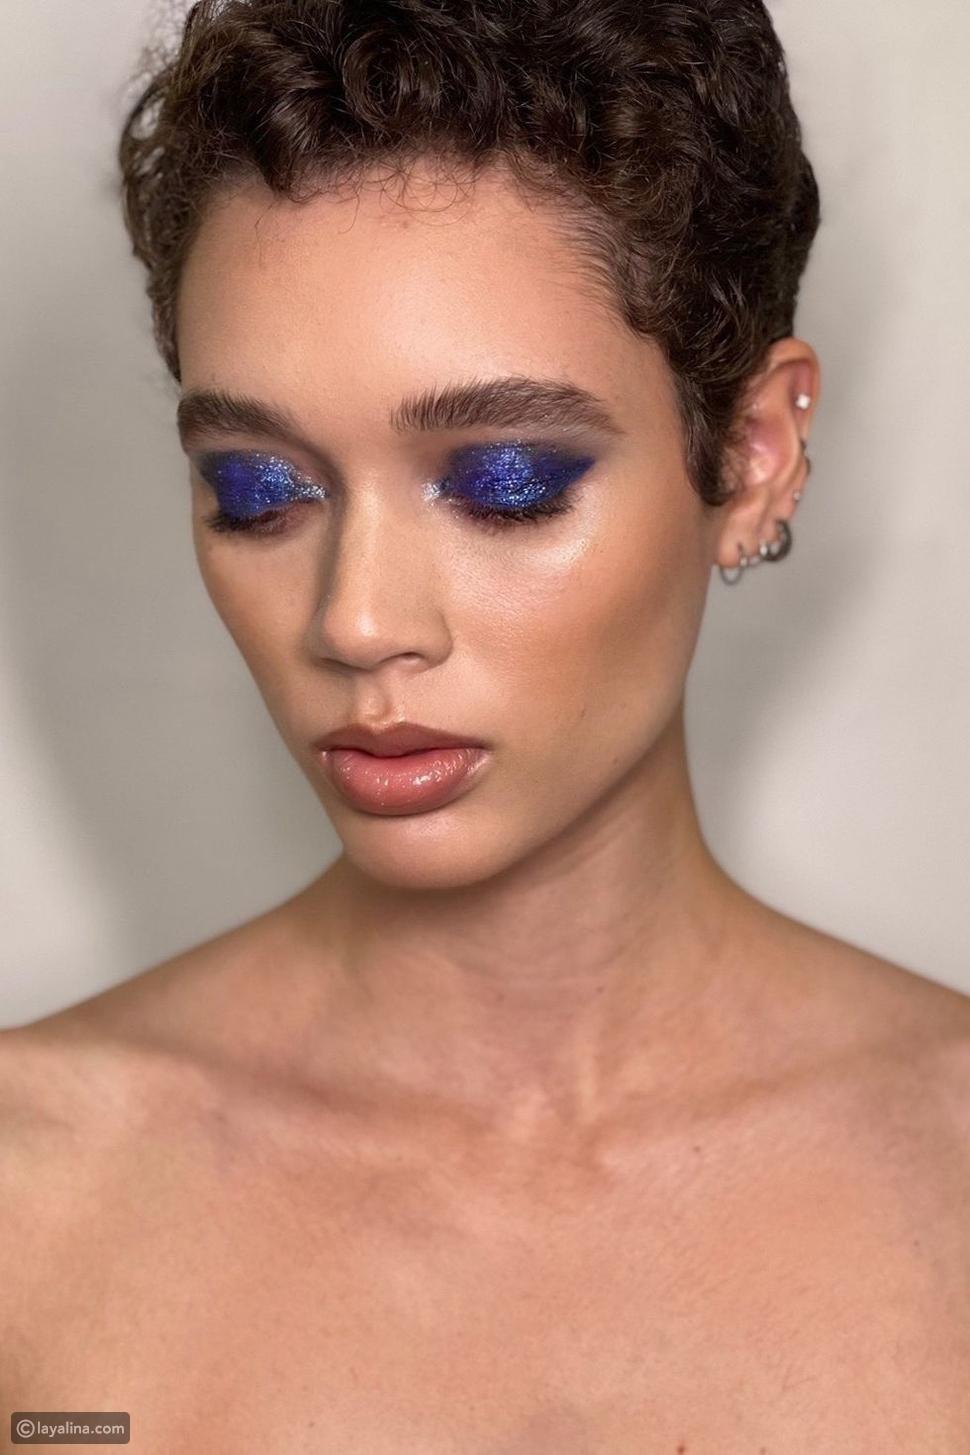 ظلال عيون باللون الأزرق